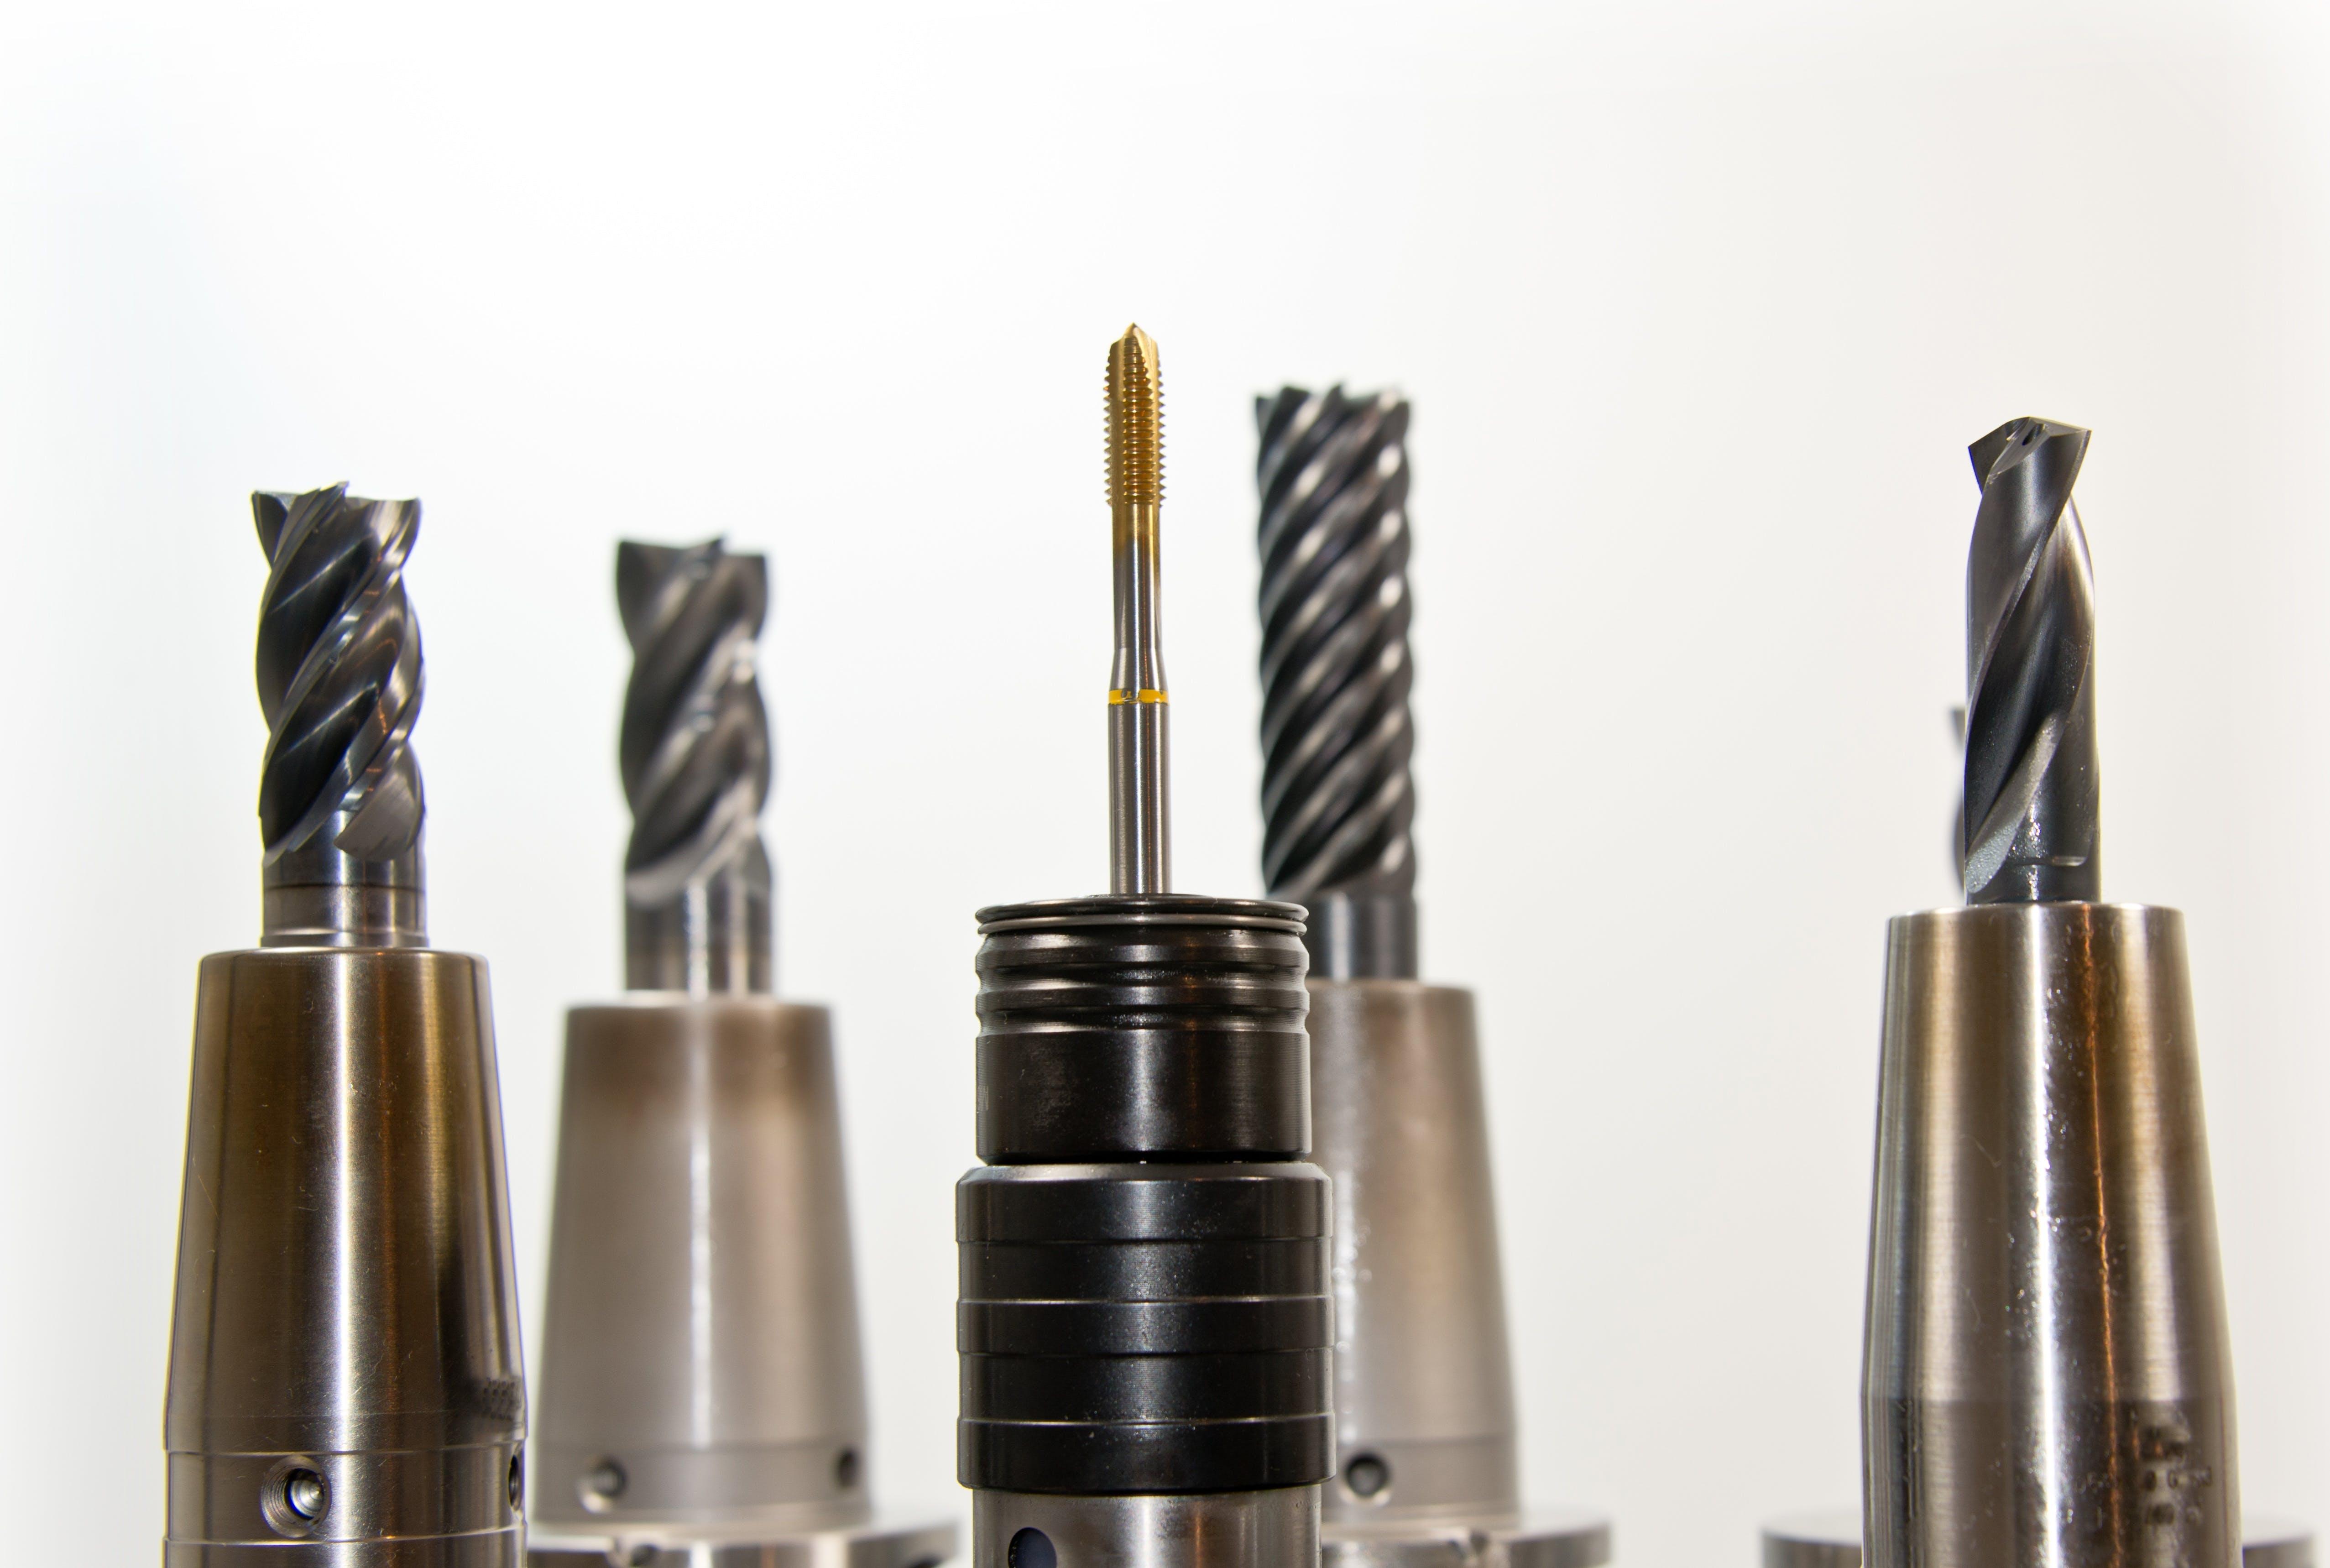 Kostenloses Stock Foto zu metall, werkzeuge, bohren, bohrköpfe